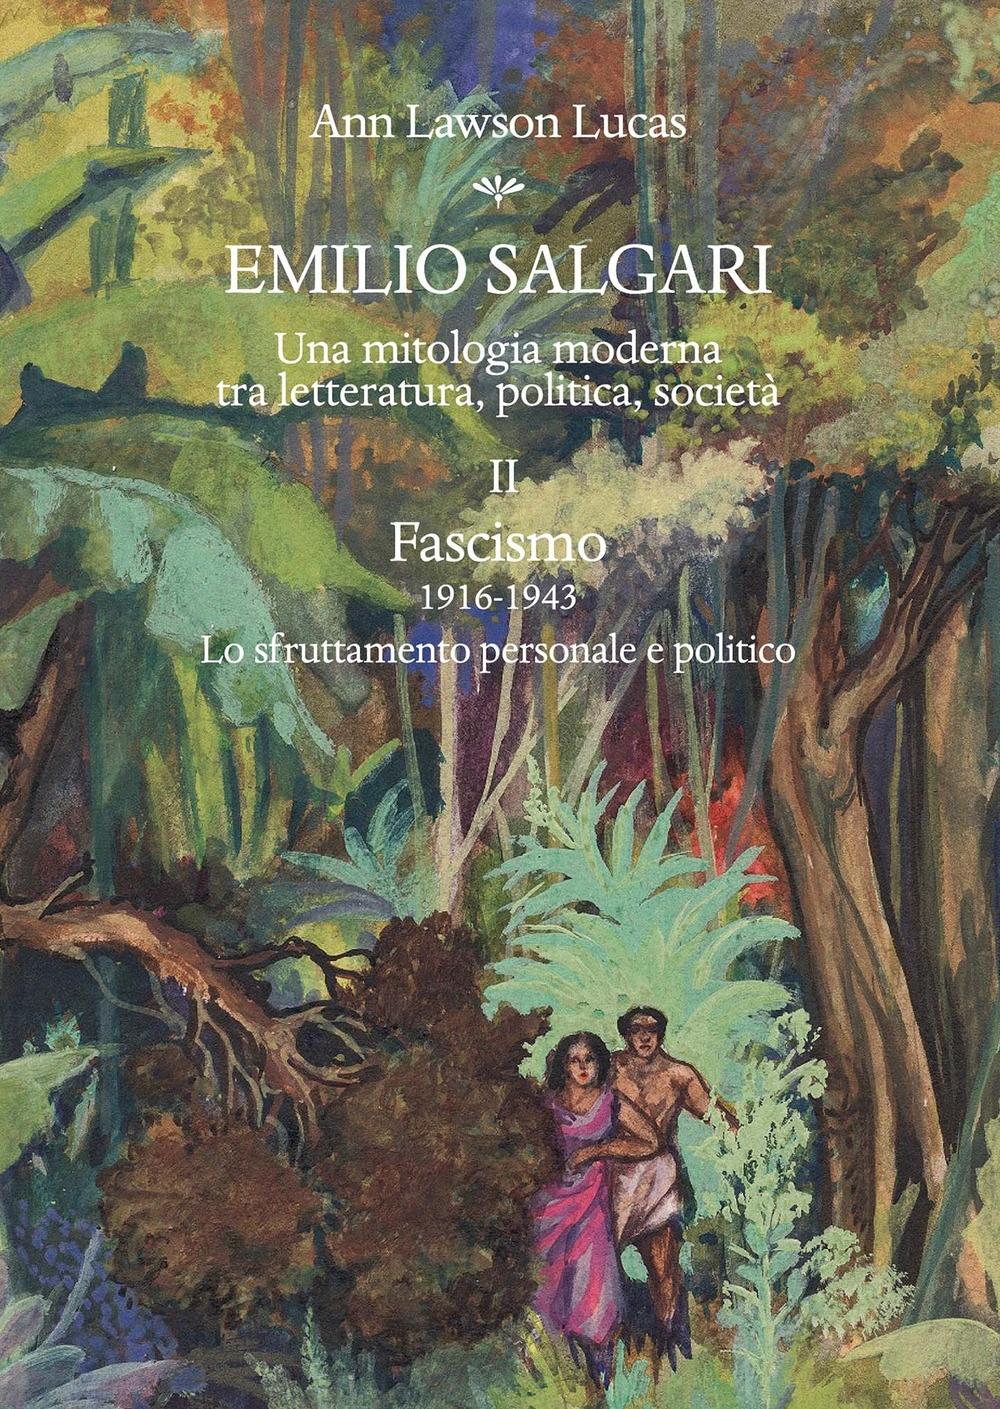 Emilio Salgari. Una Mitologia Moderna tra Letteratura, Politica, Società. Vol 2. Fascismo 1916-1943. lo Sfruttamento Personale e Politico